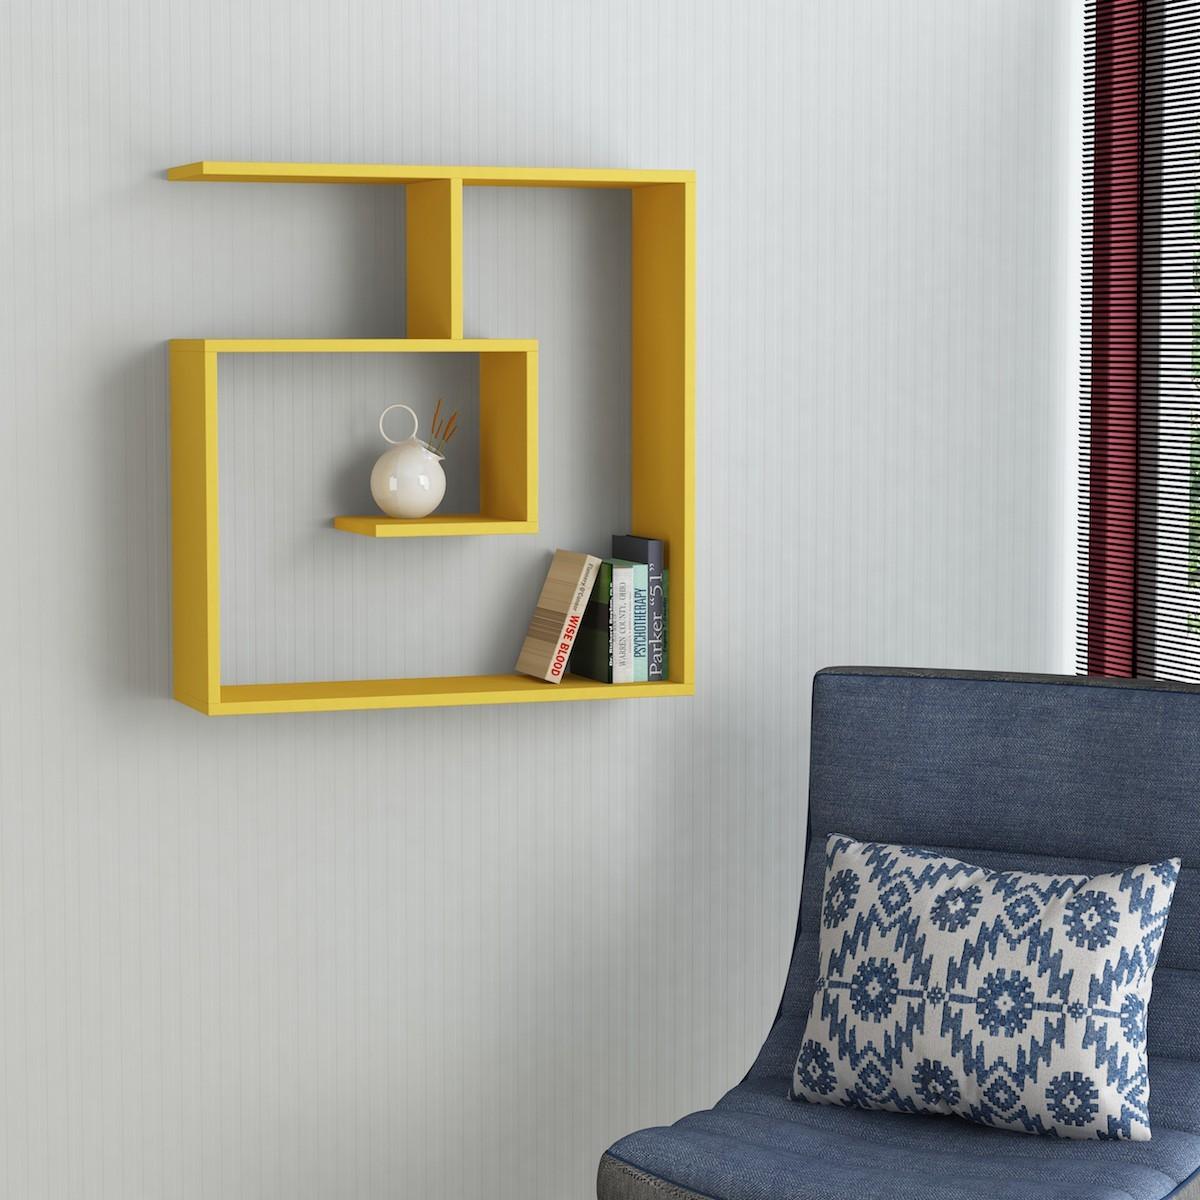 Spyral mensola libreria da parete in legno melaminico - Mensole da parete design ...